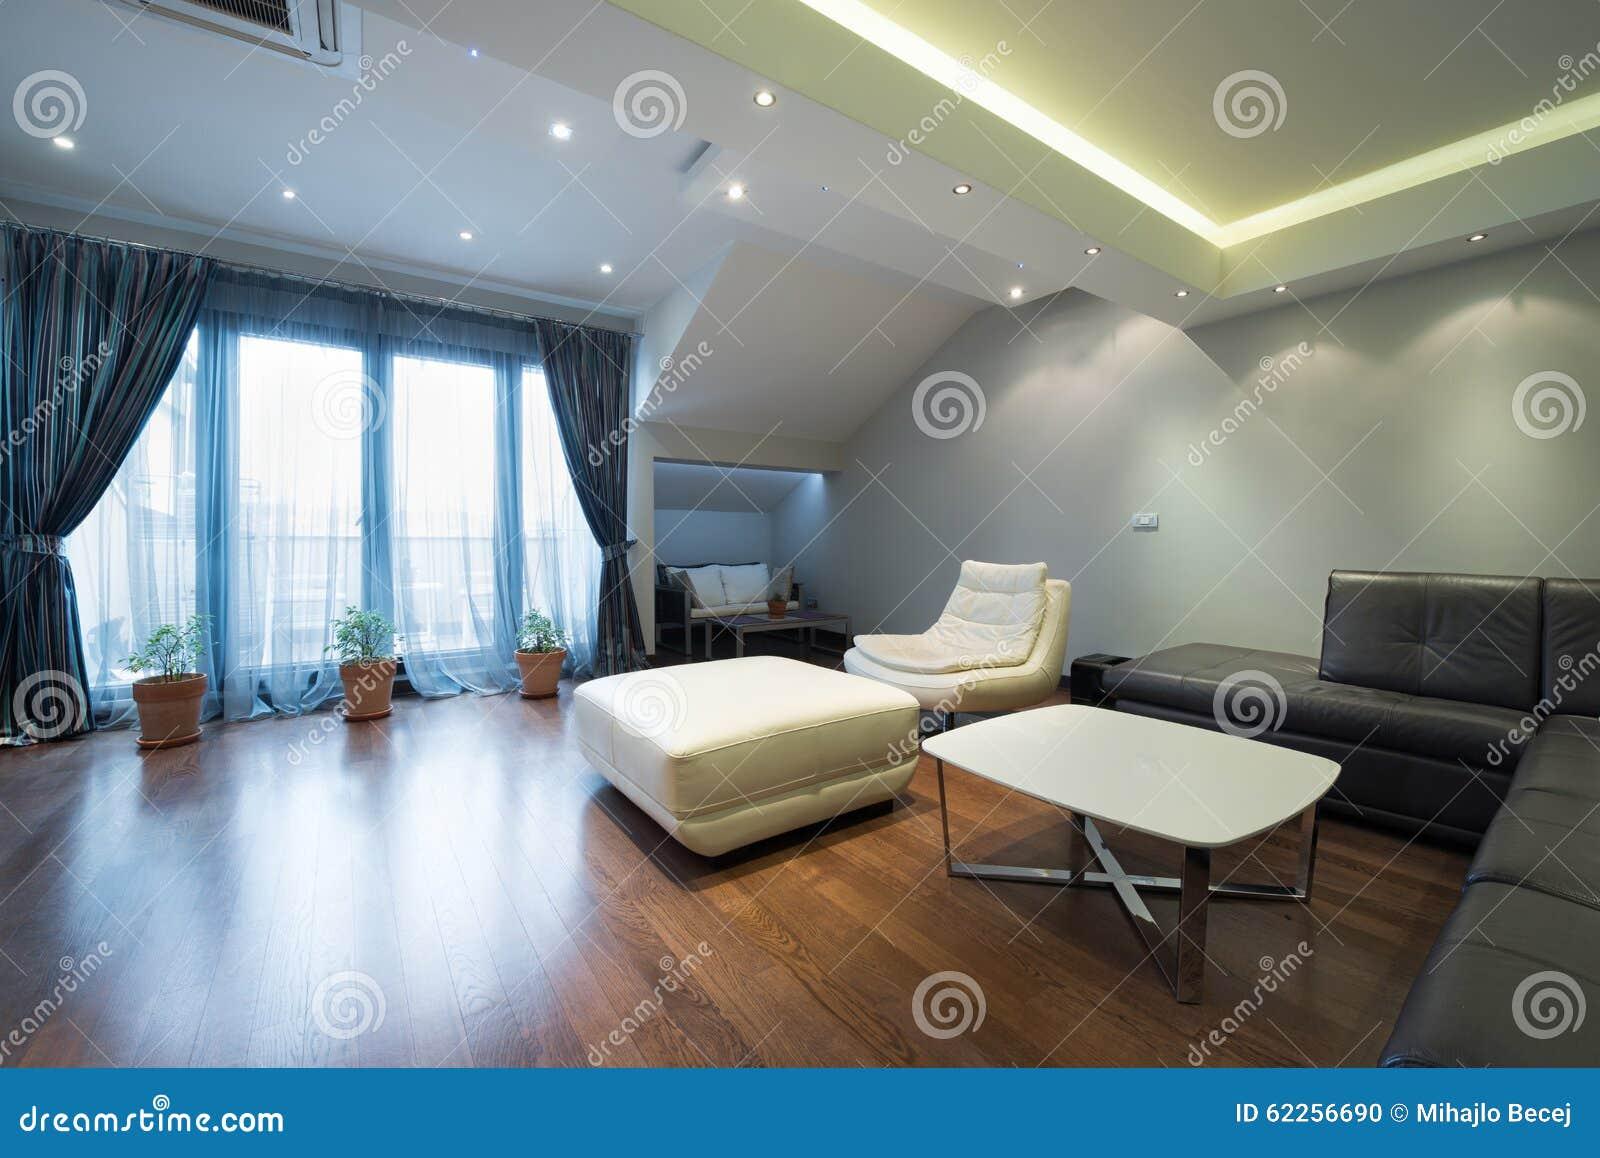 intrieur d un salon de luxe avec de beaux plafonniers - Un Salon De Luxe